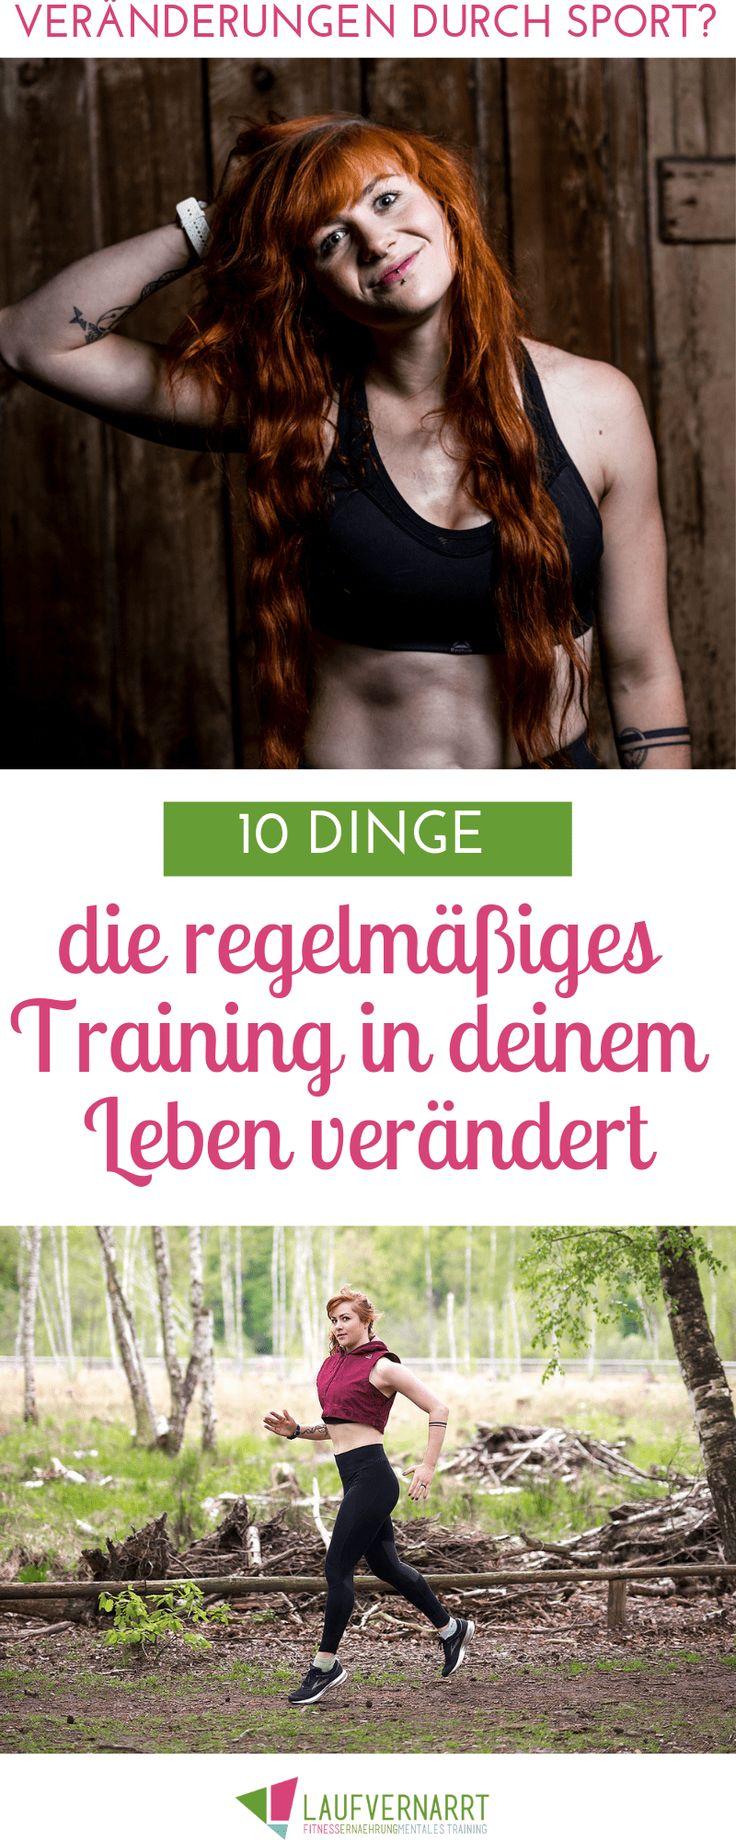 10 Dinge, die regelmäßiger Sport in meinem Leben verändert hat – Laufvernarrt – Fitness, gesunde Ernährung und Selbstliebe